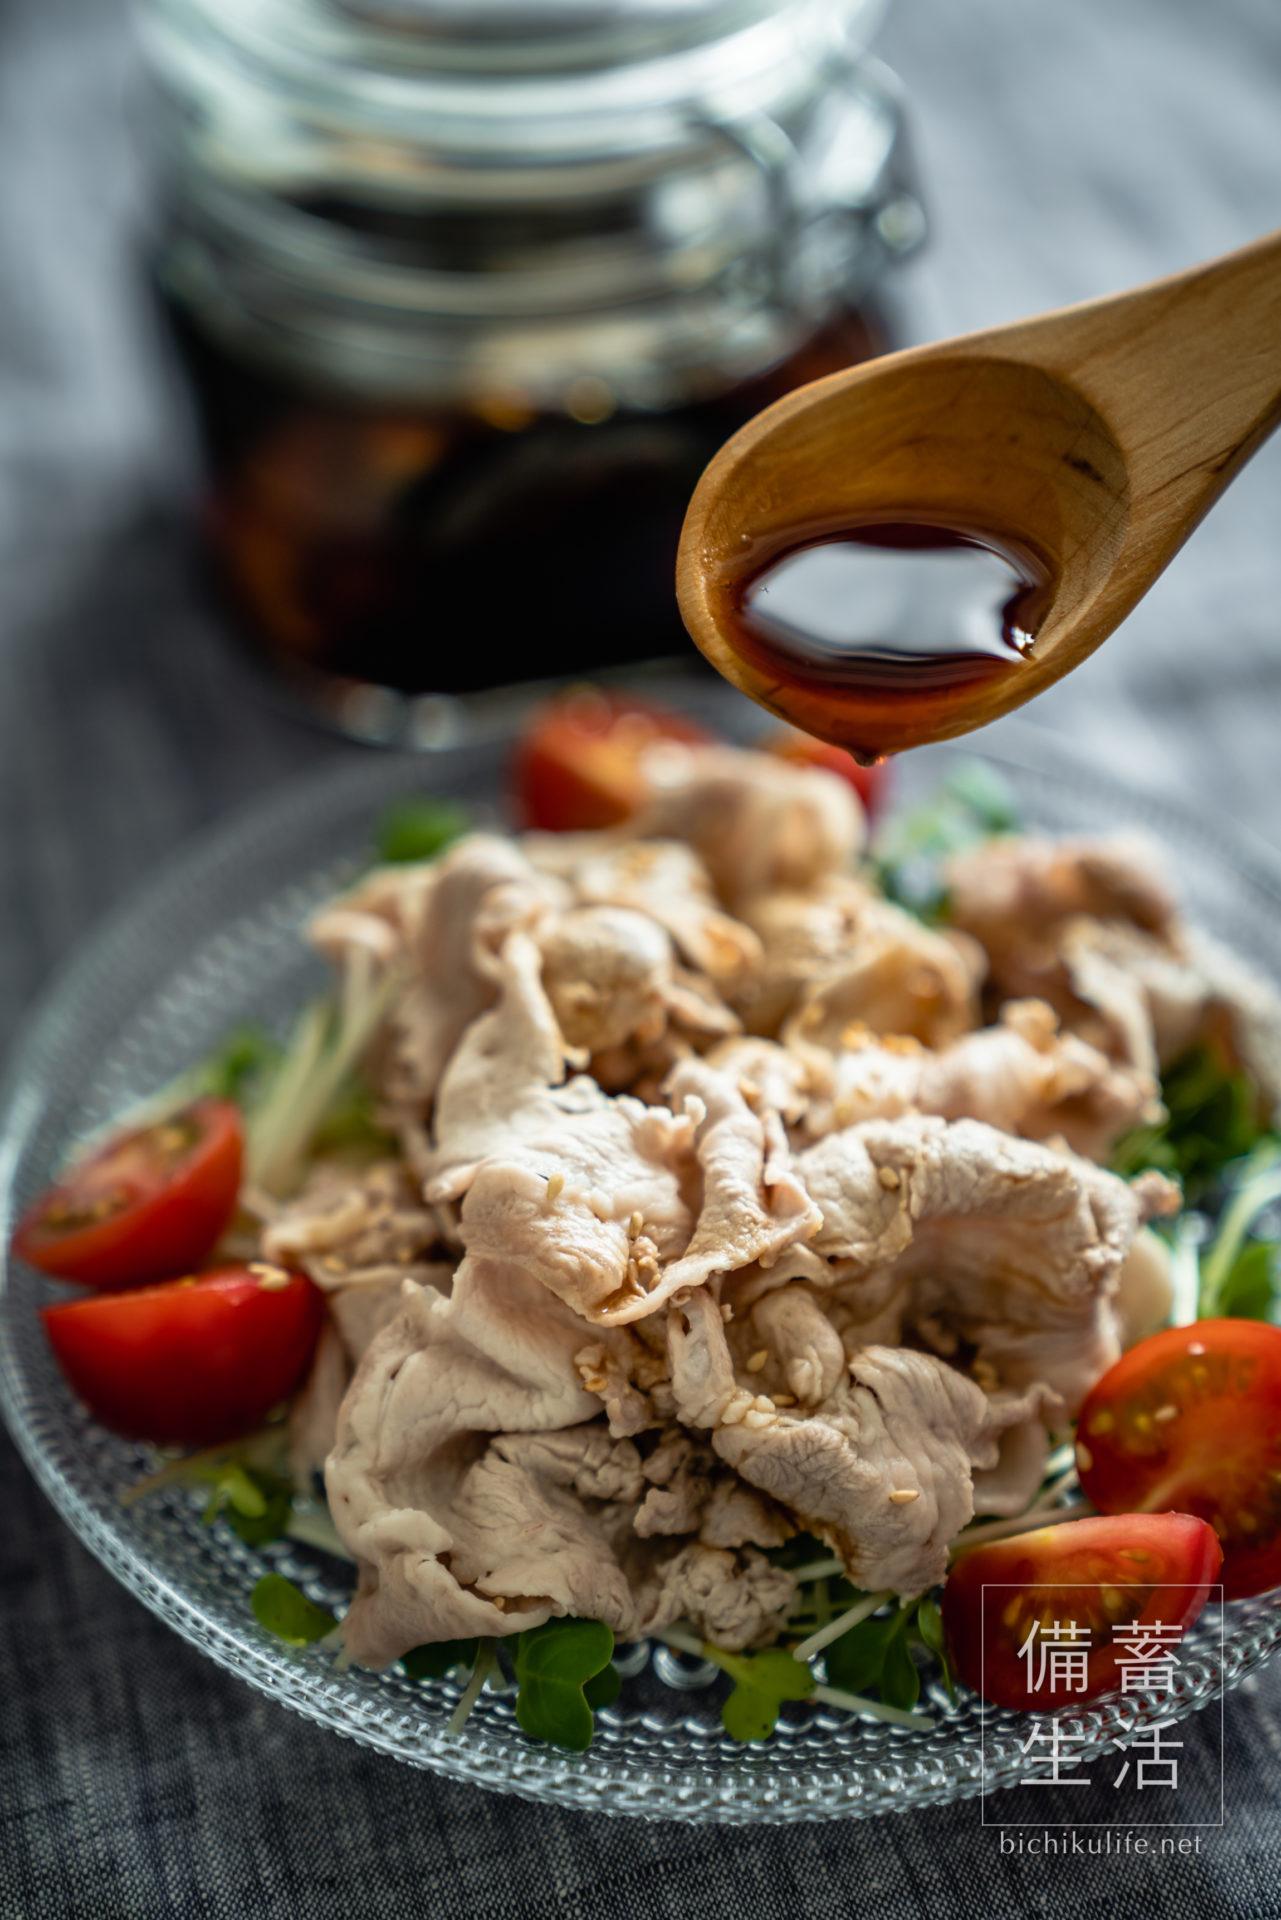 梅の醤油漬けのレシピ、豚しゃぶサラダ